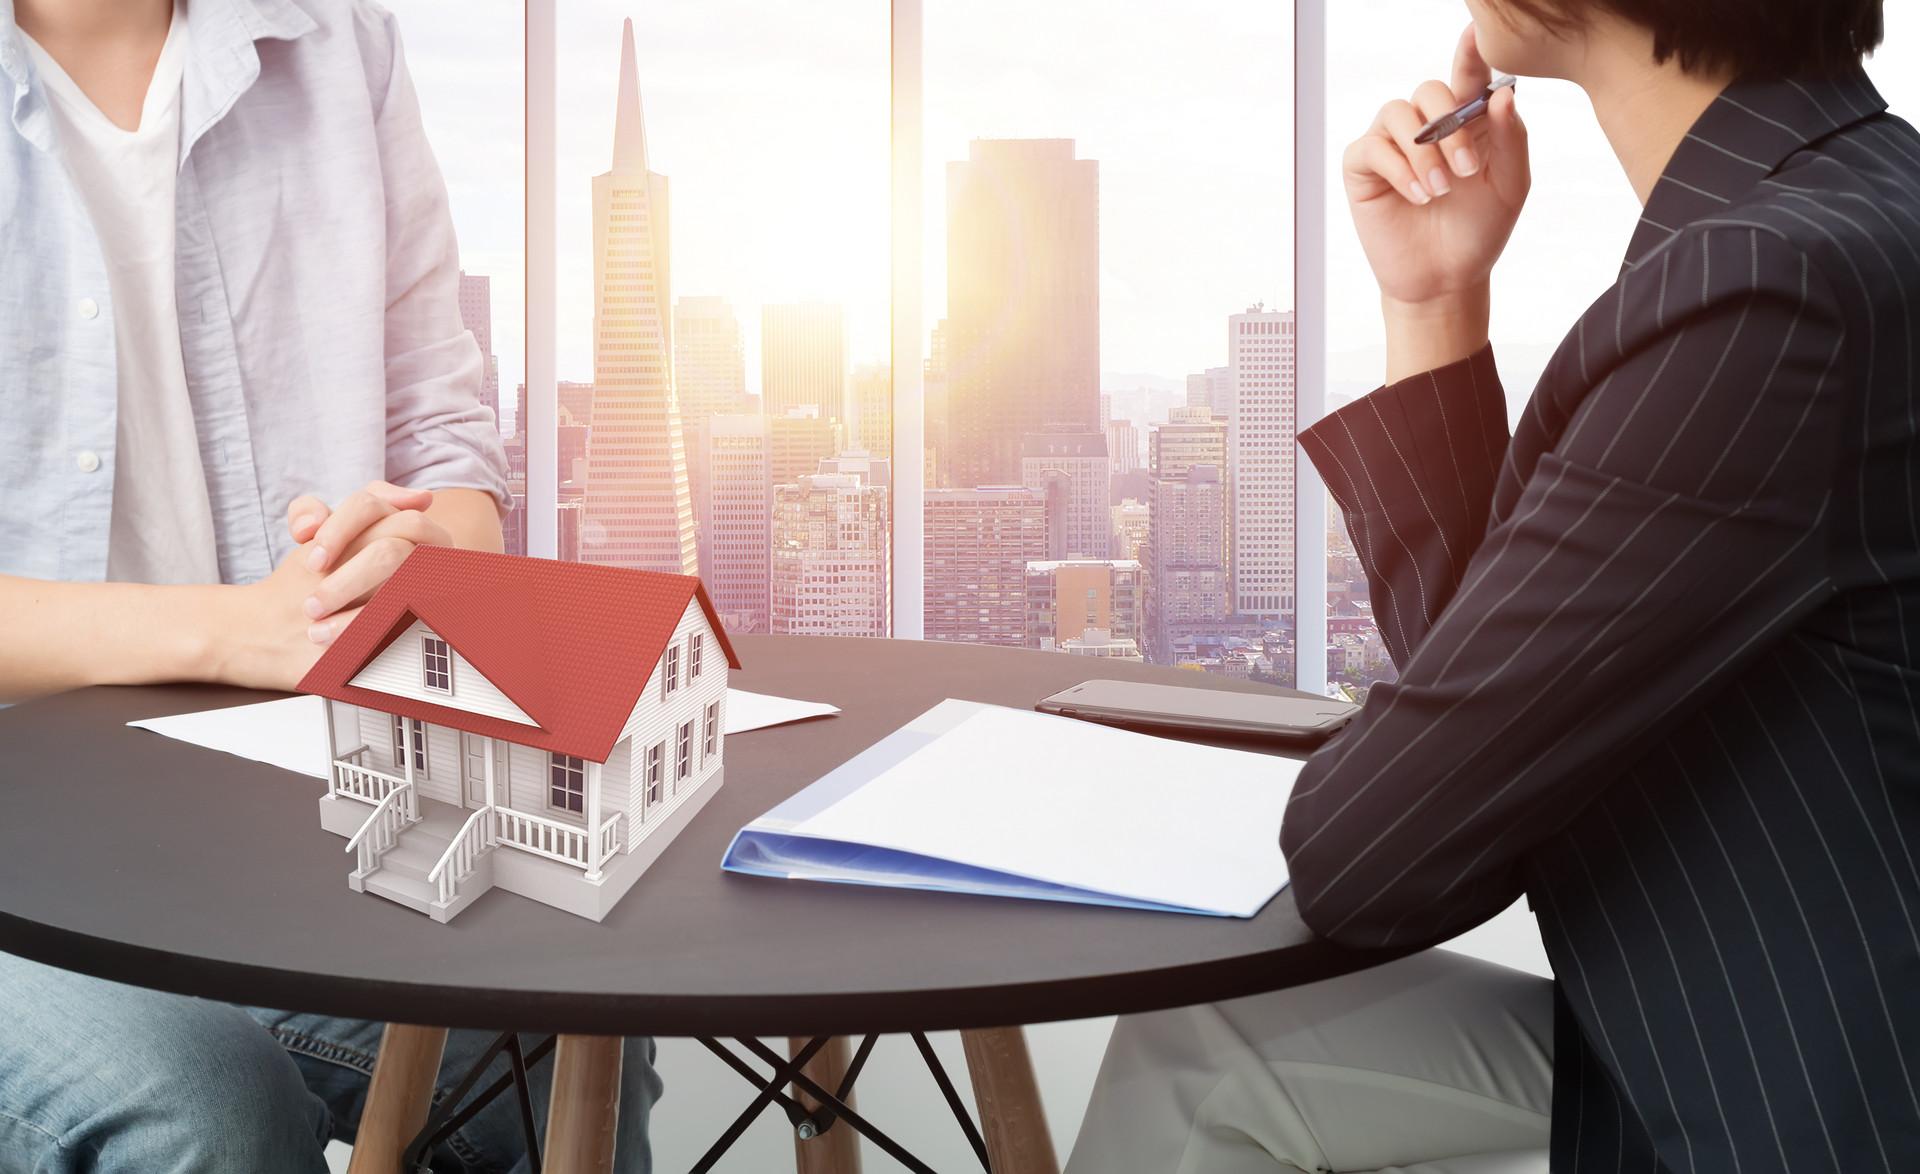 私下签订的房屋买卖合同有效吗?